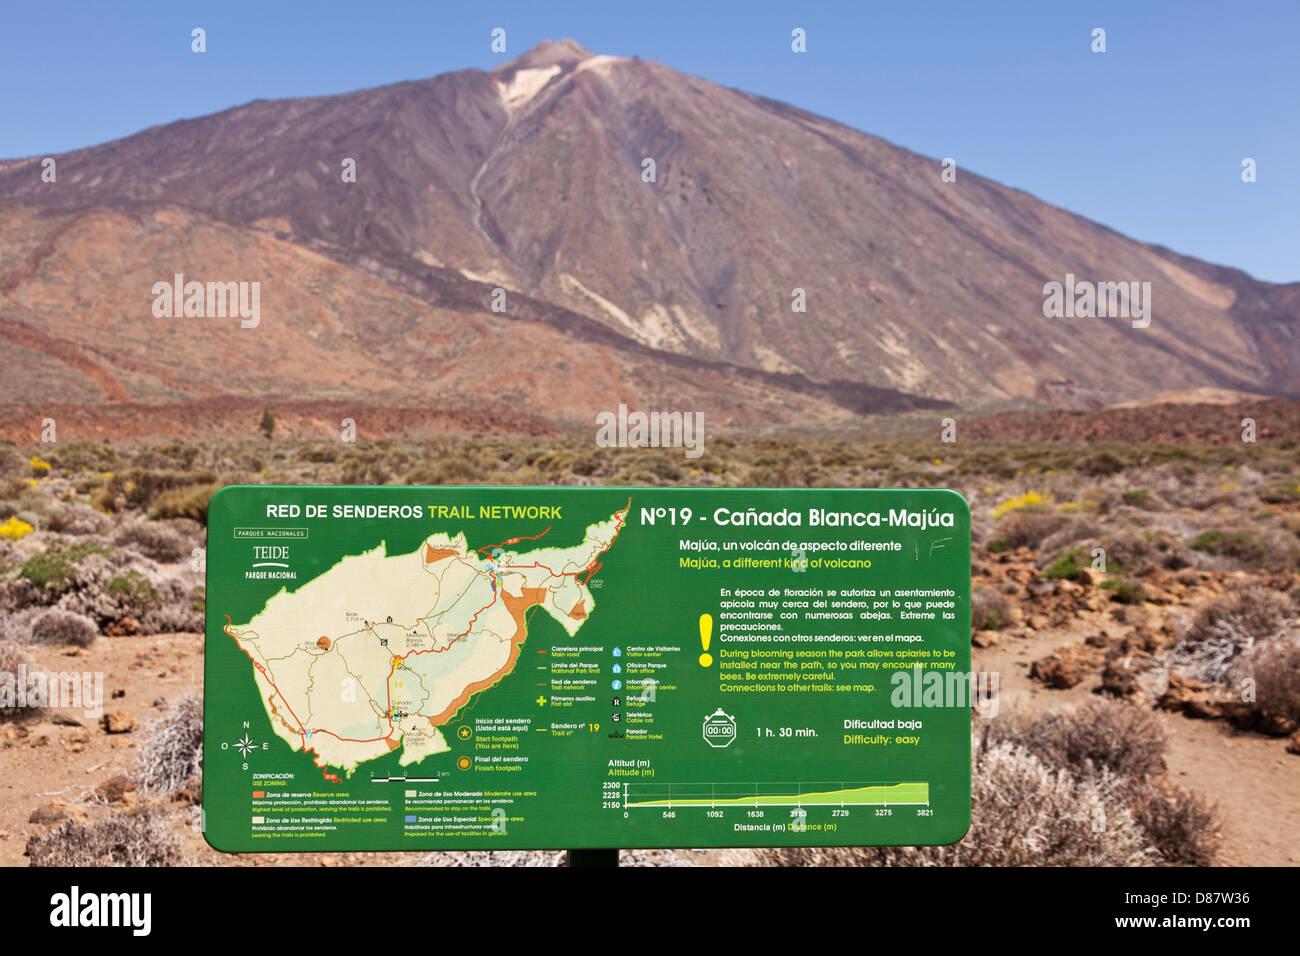 Teneriffa Karte Spanien.Melden Sie Sich Mit Karte Der Wanderwege Im Teide Nationalpark